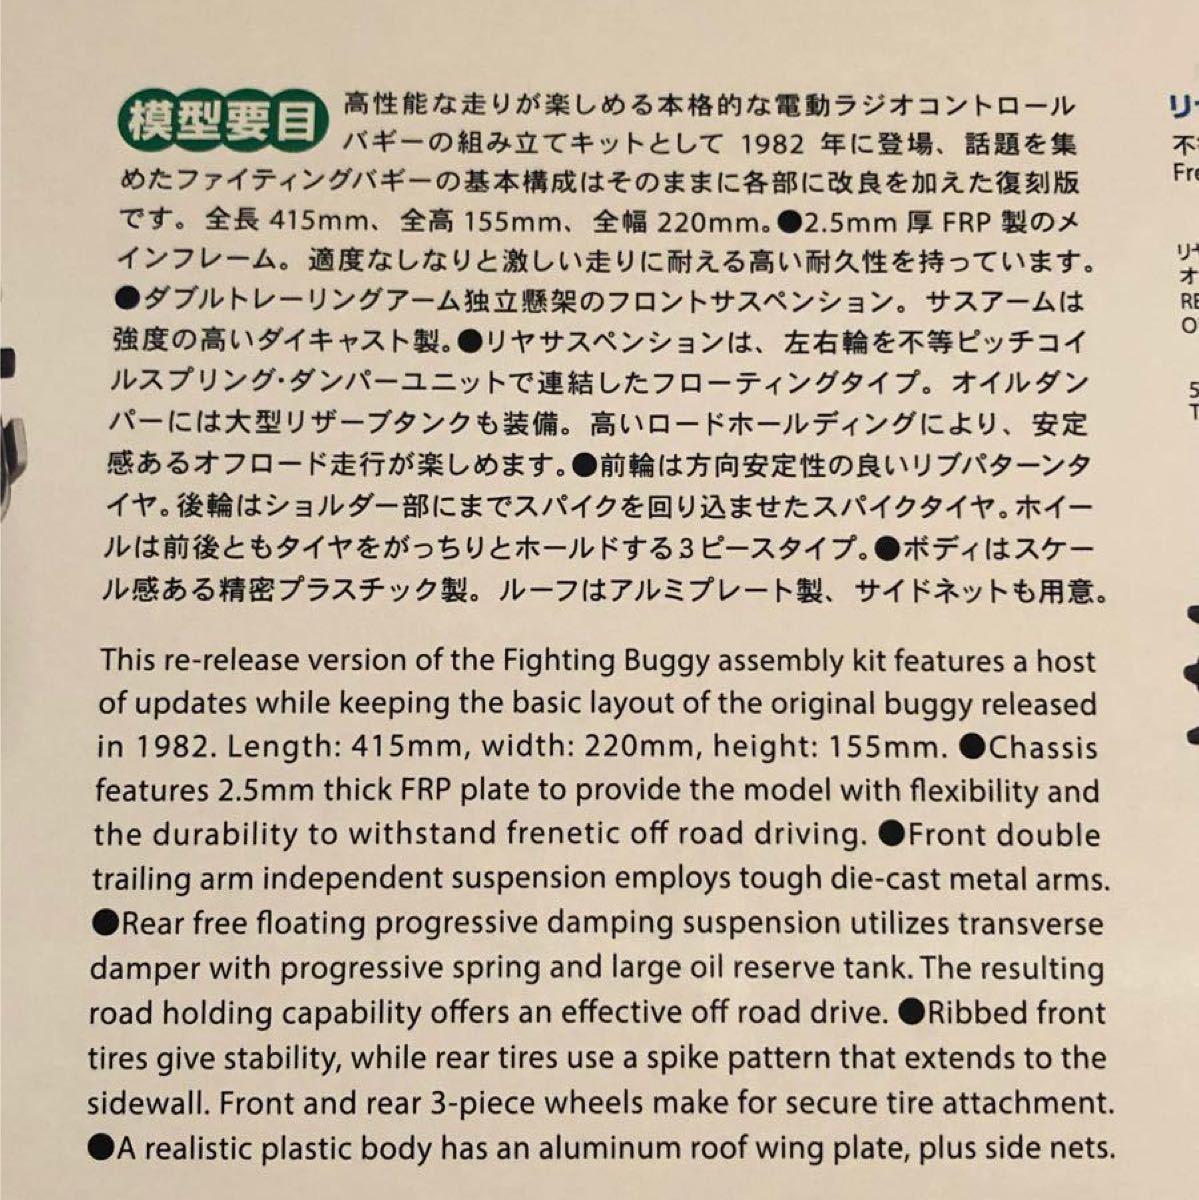 【新品未開封】タミヤ 1/10 RC ファイティングバギー 2014 復刻版 【2021年3月購入品】